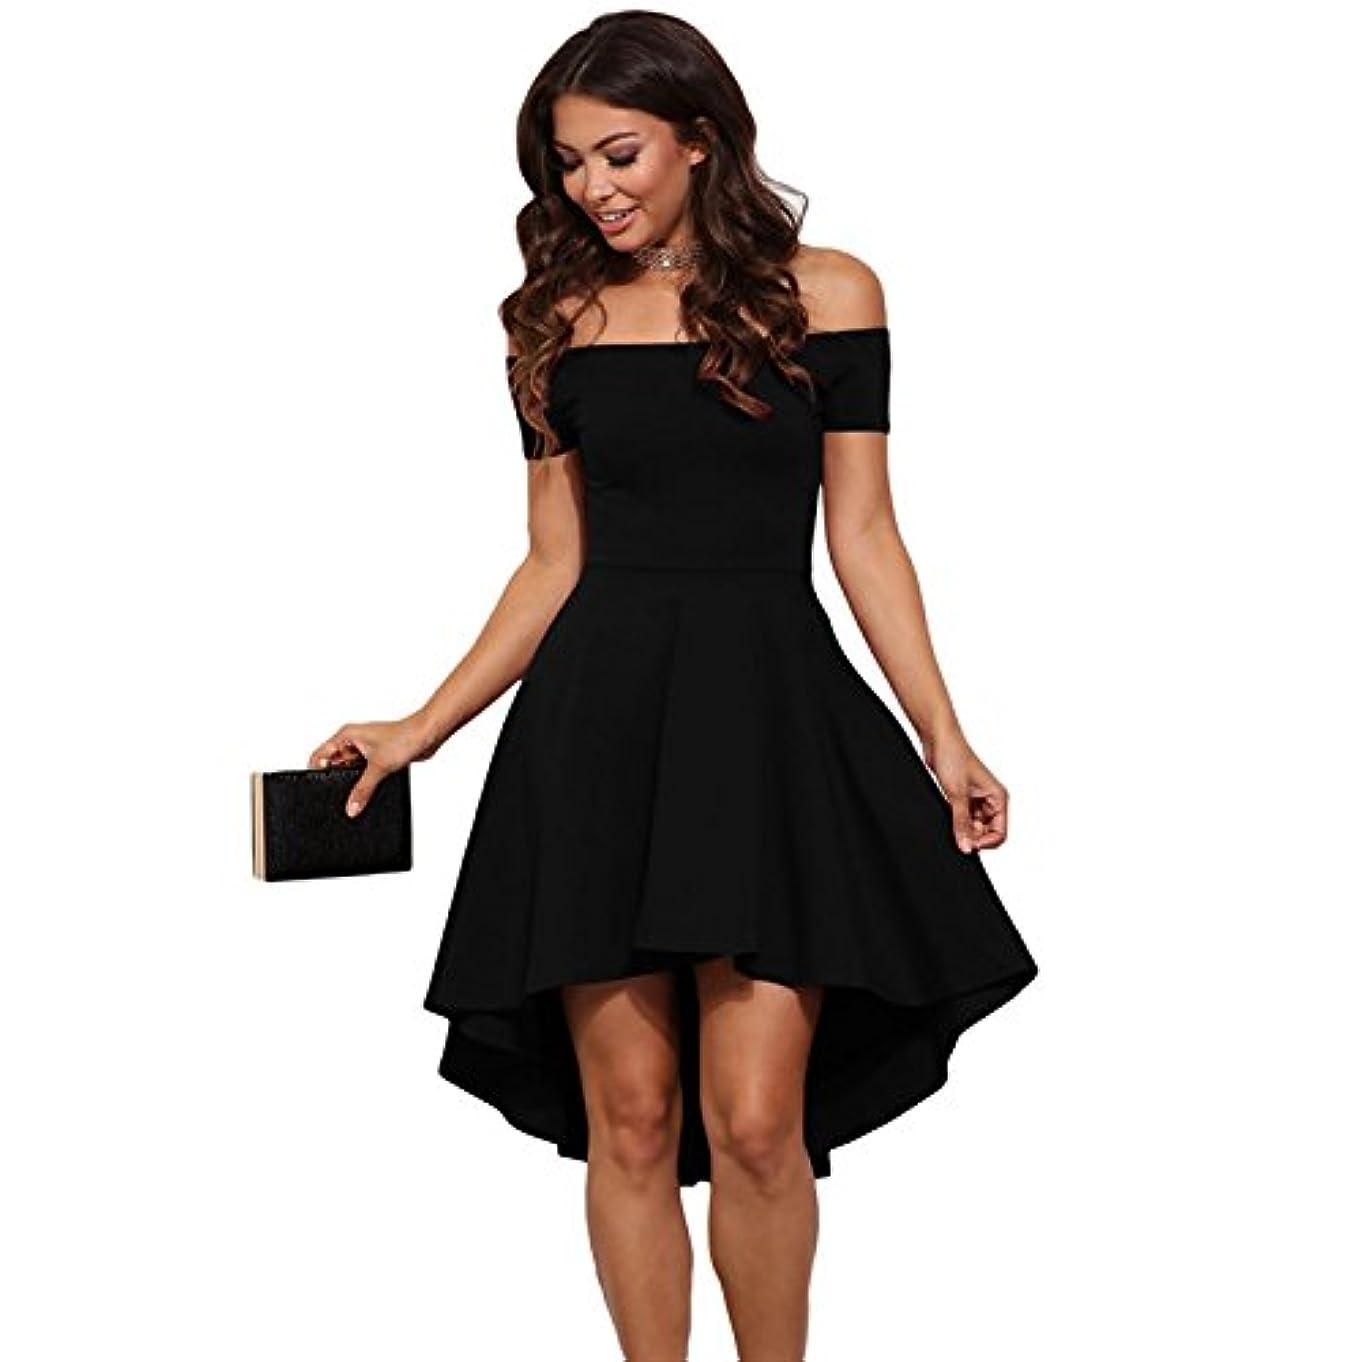 防水実験をするへこみOnderroa - ヴィンテージ女性のセクシーなスラッシュネックソリッドカラーパーティー秋の新しいファッションAライン黒赤ワイン膝丈のドレスドレス